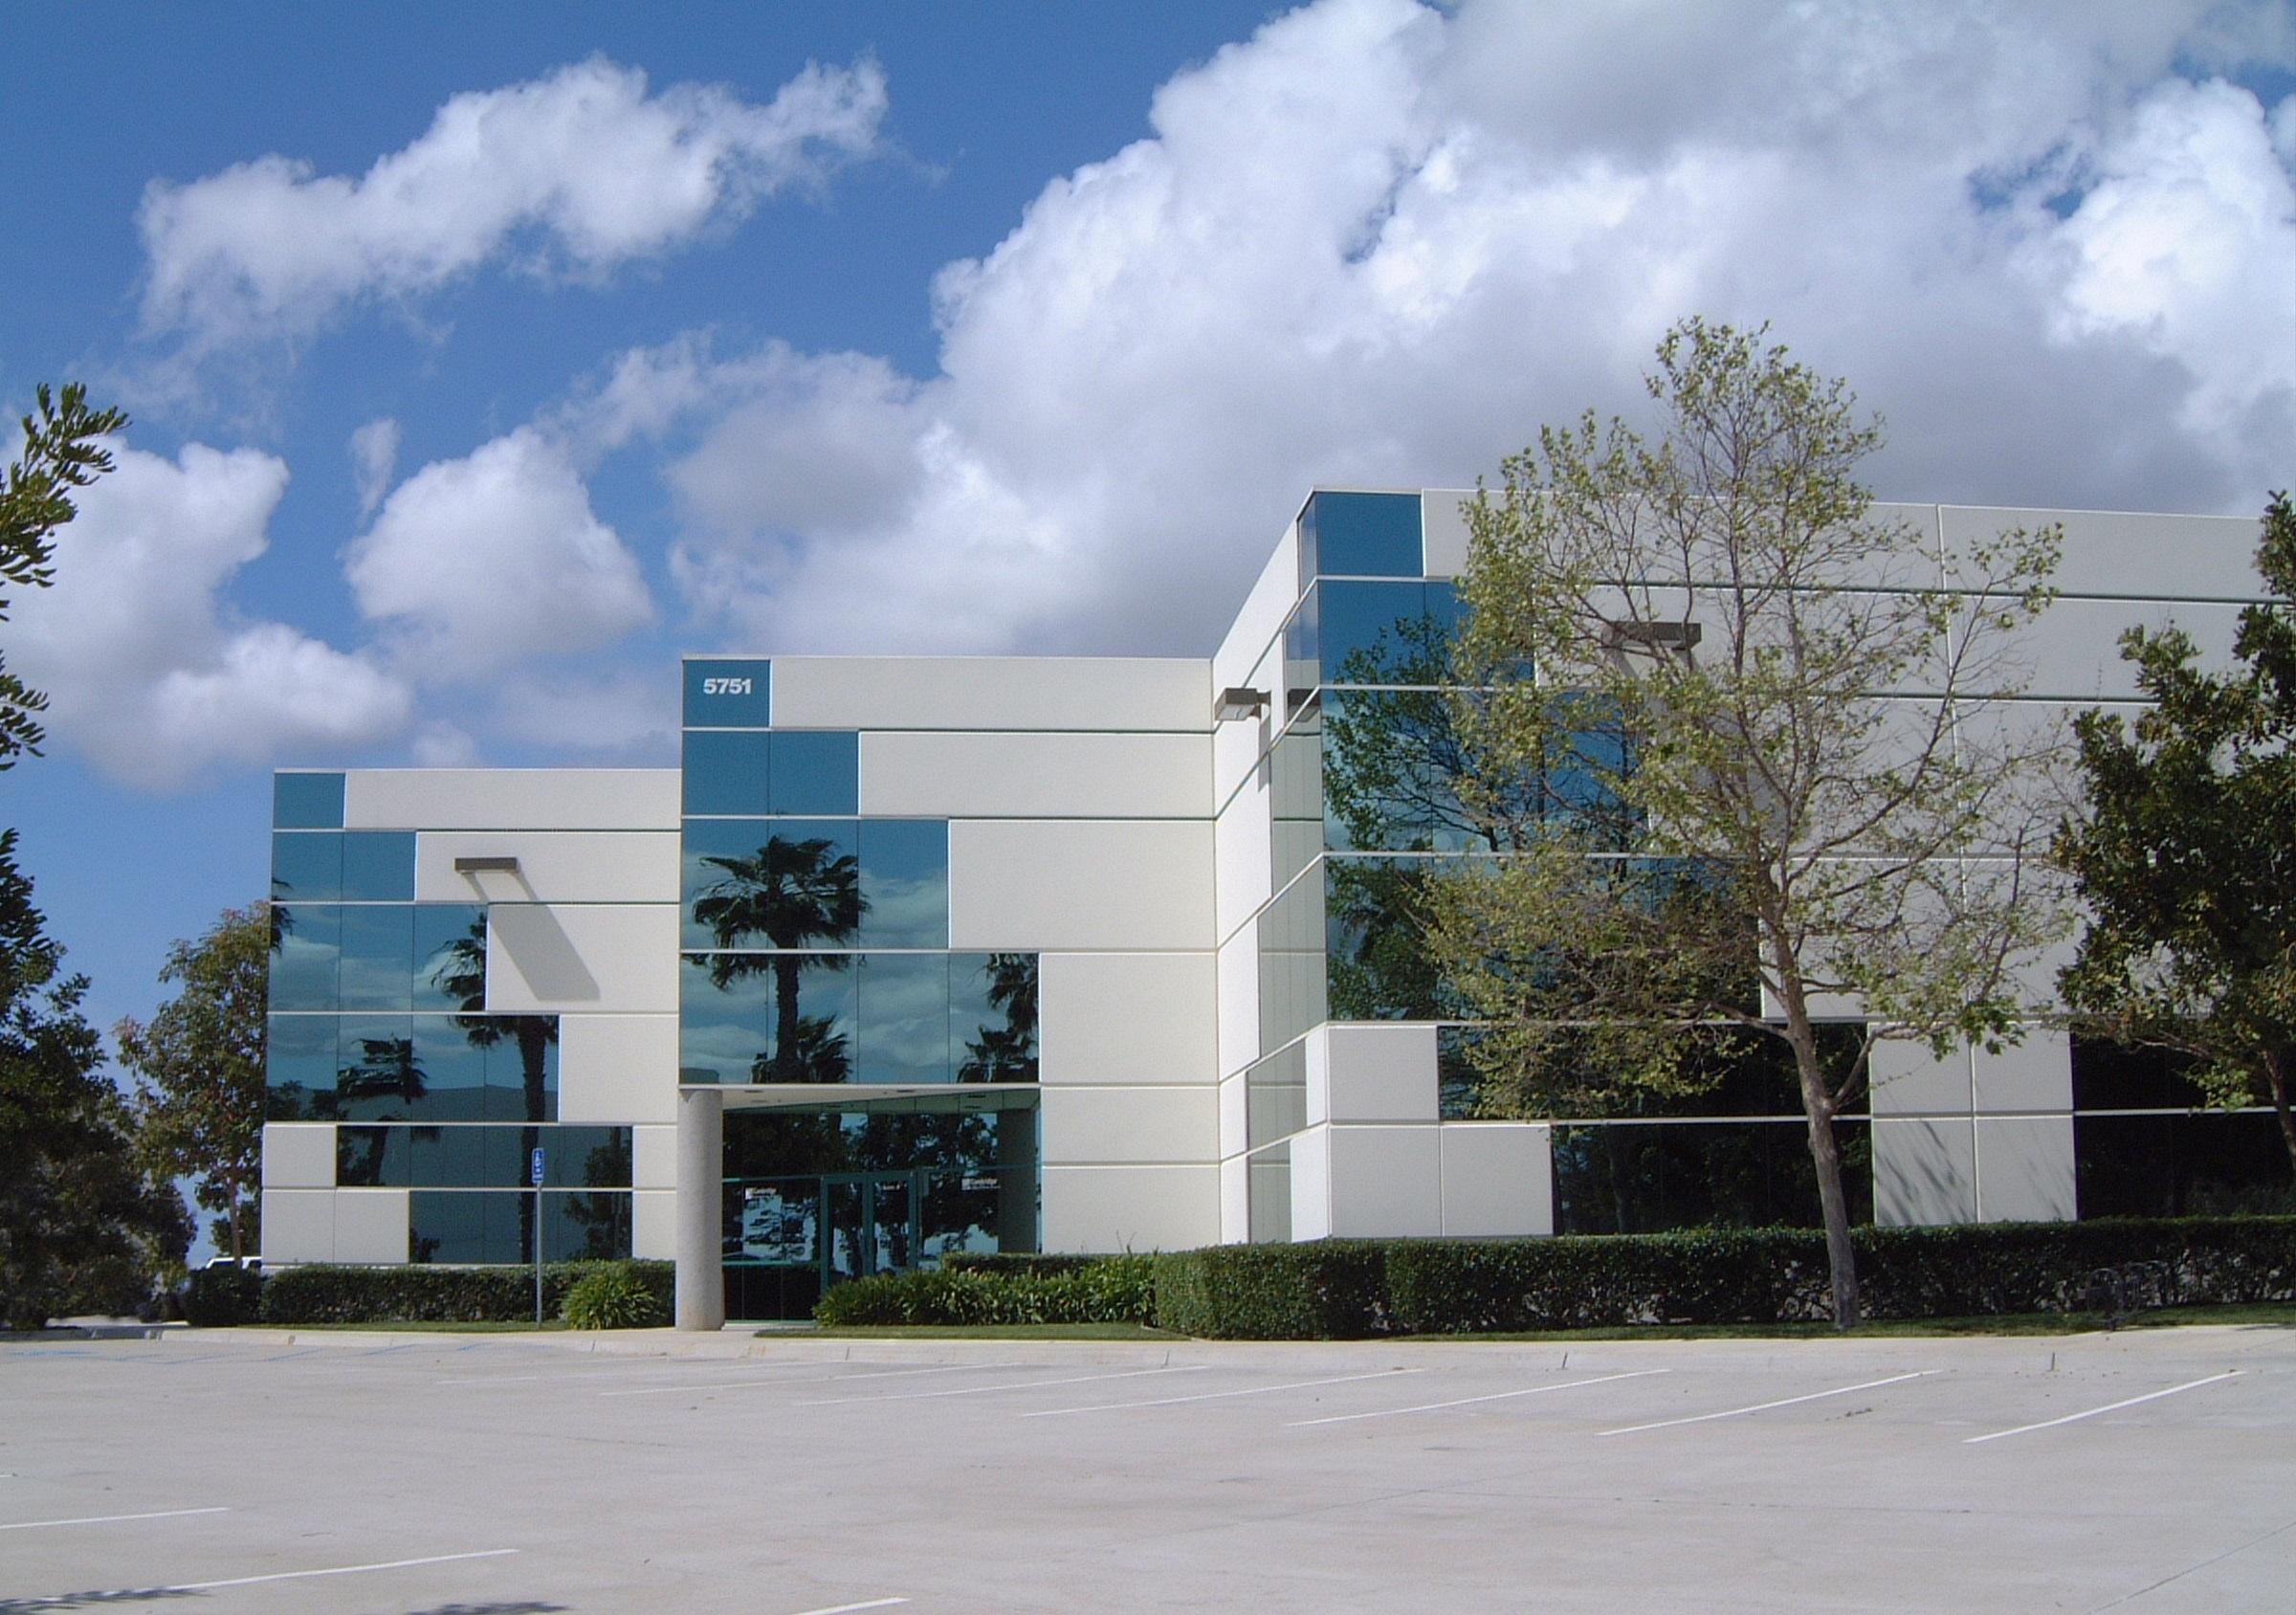 Campus at Copley2 (main).jpg